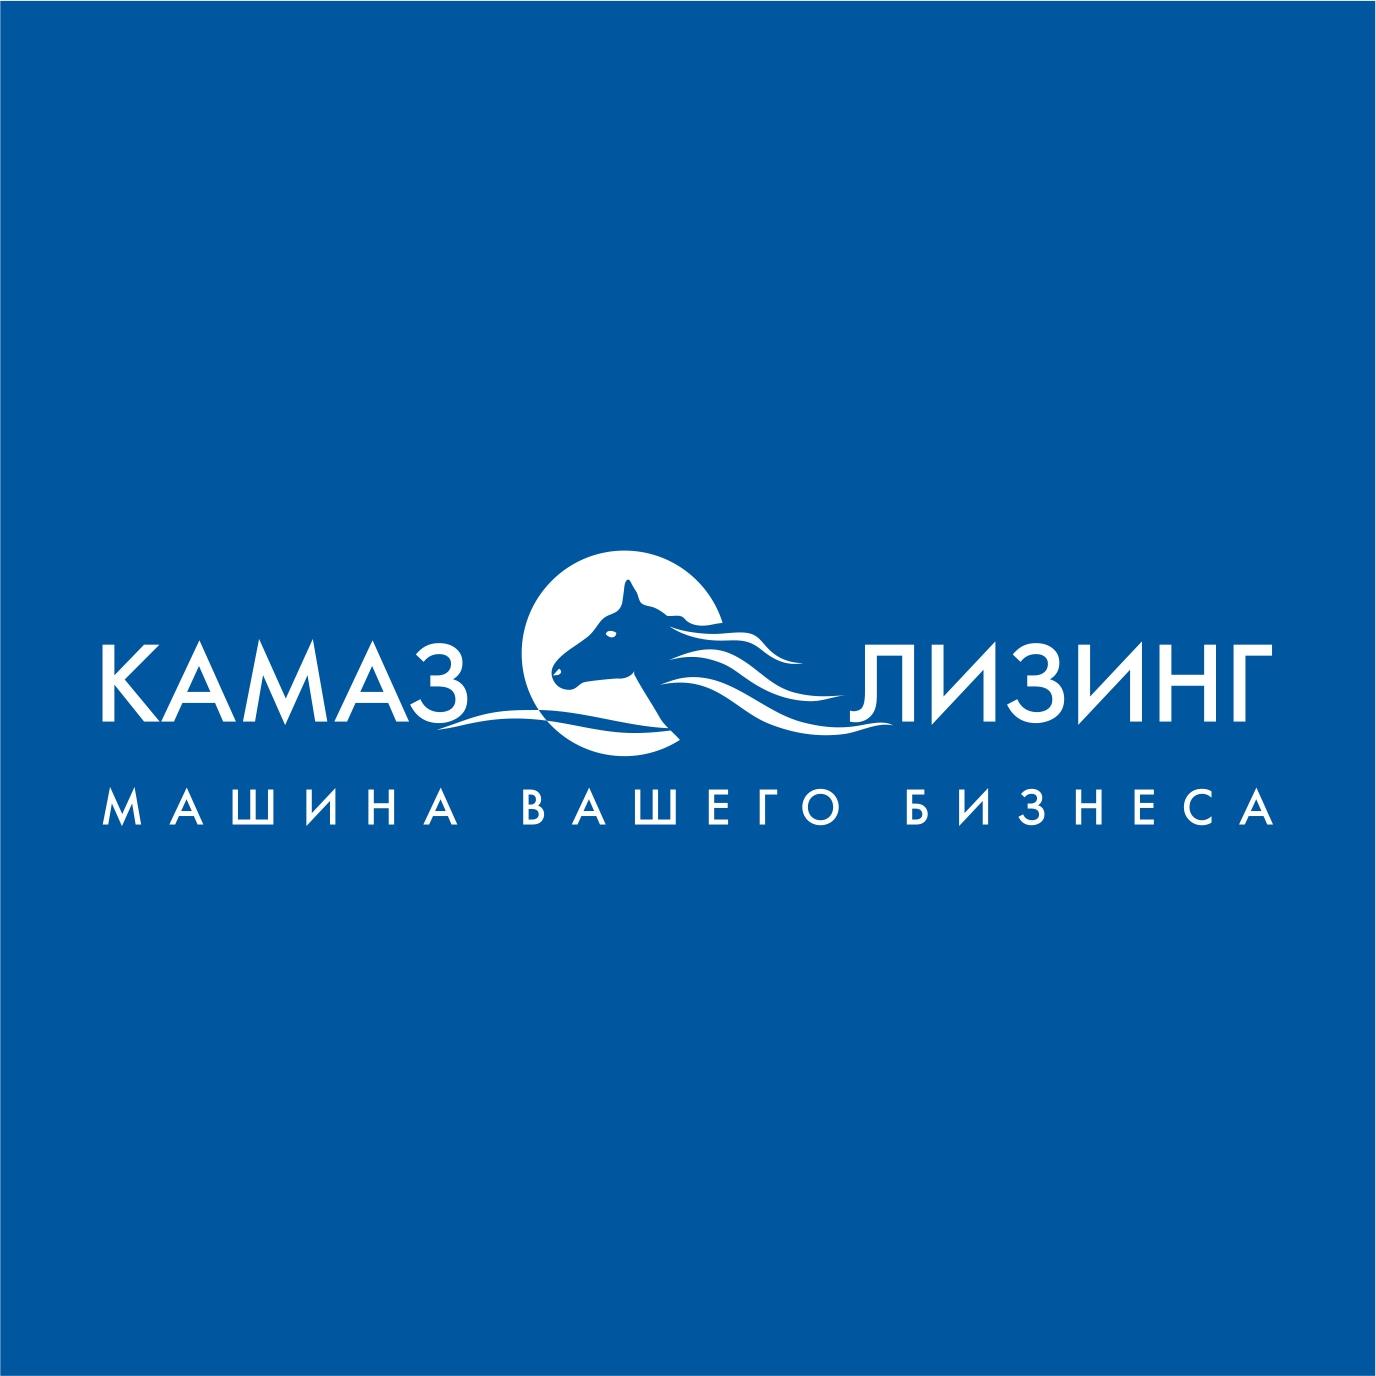 Программа для повторных клиентов от «КАМАЗ-ЛИЗИНГа»